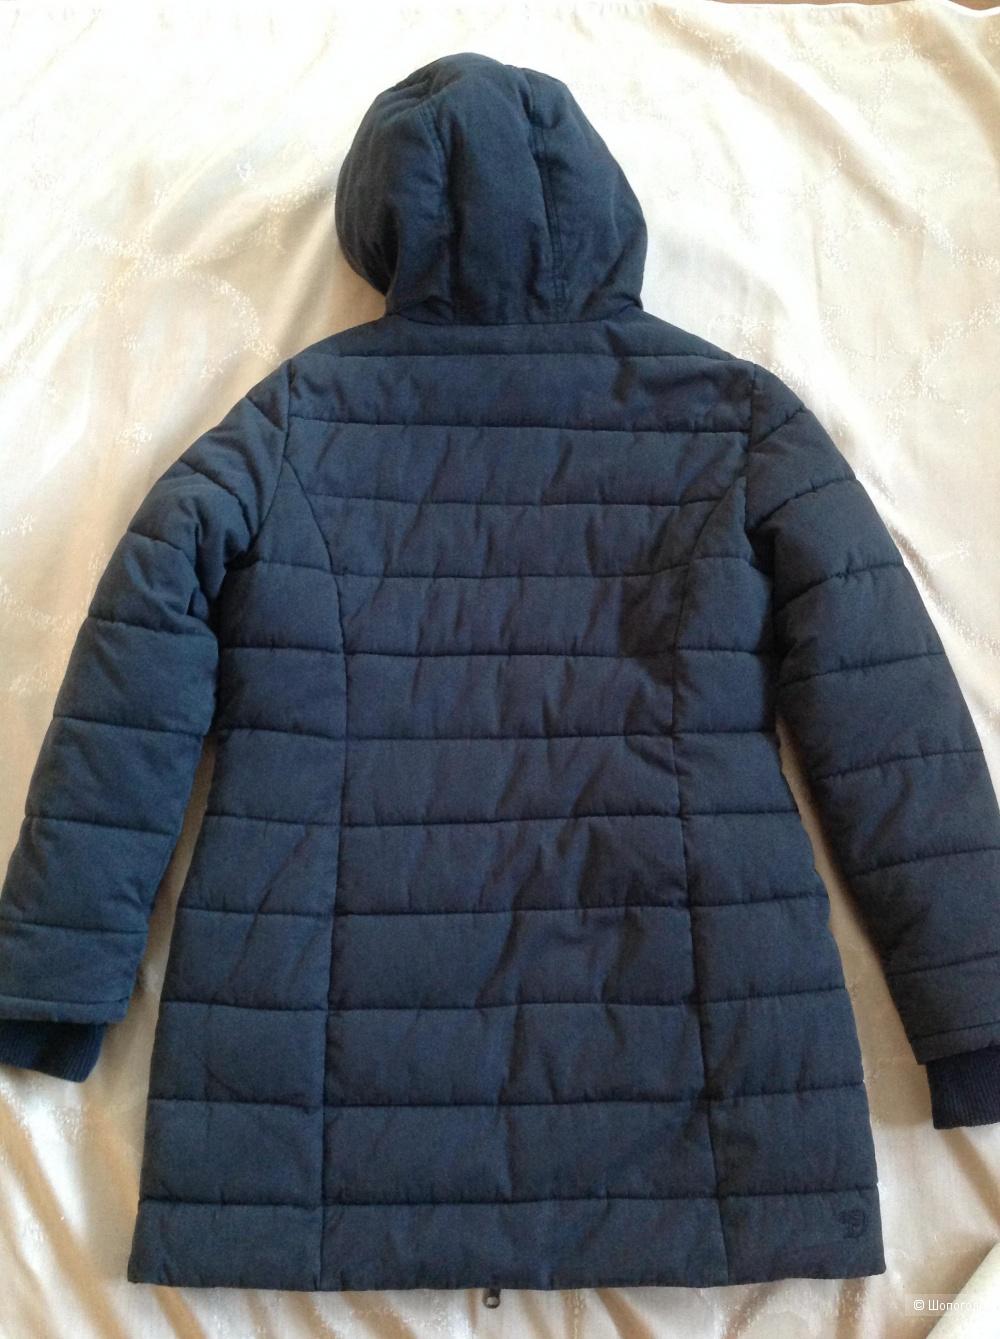 Пальто, куртка Tom Tailor, размер L, на 46-48-50